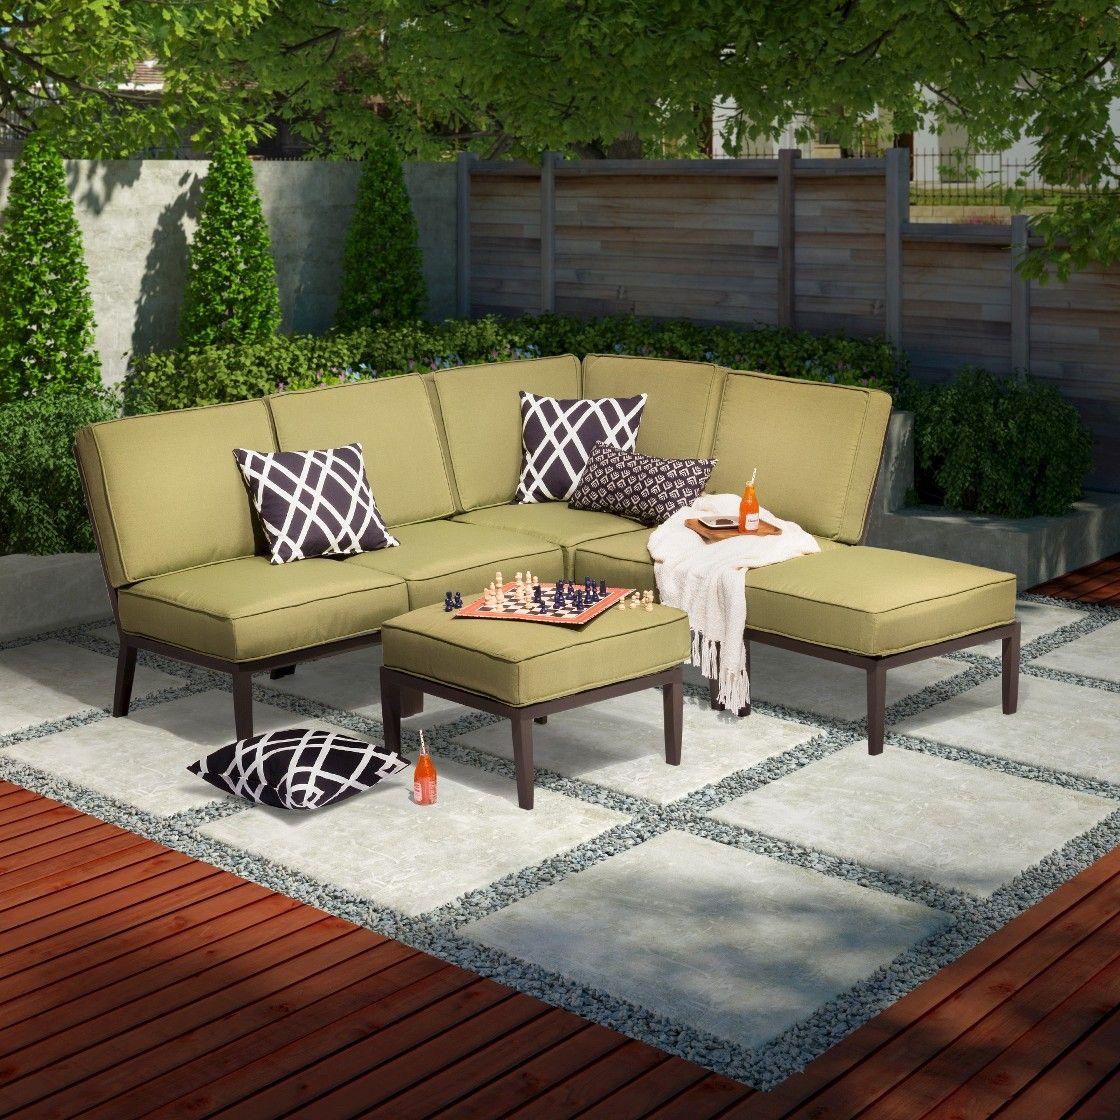 Threshold Madison 6-piece Aluminum Sectional Seating Set